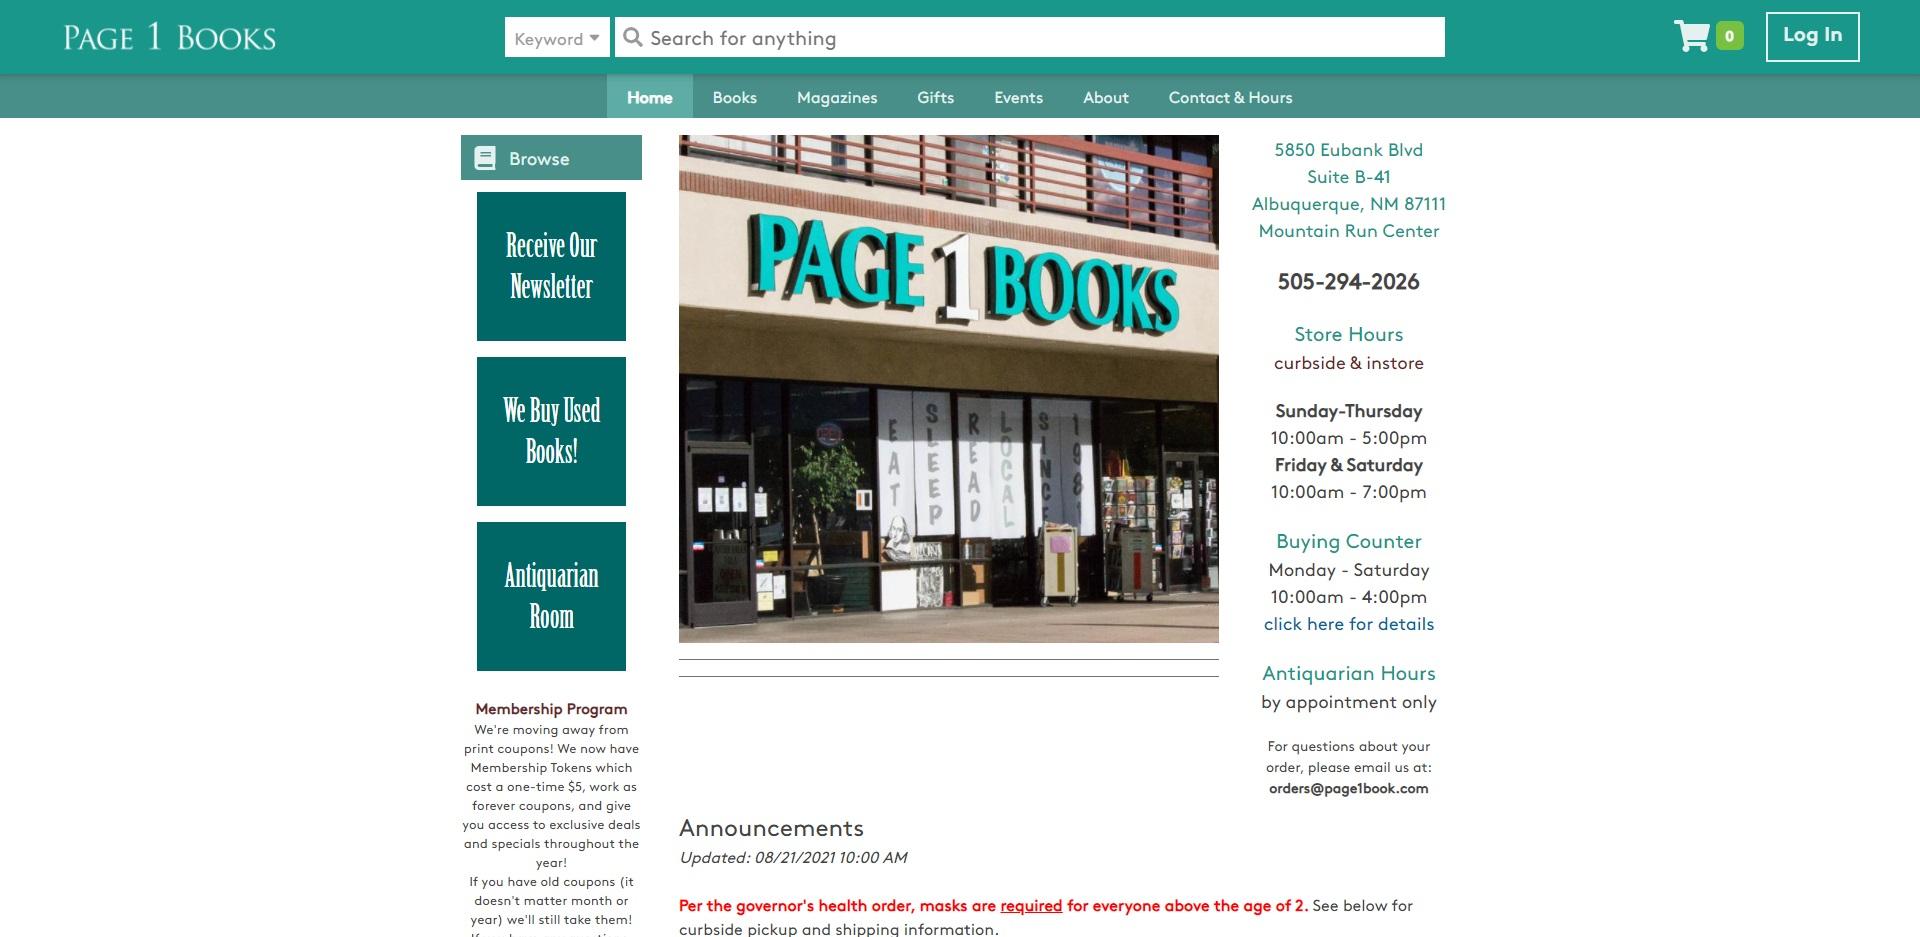 Best Bookstores in Albuquerque, NM